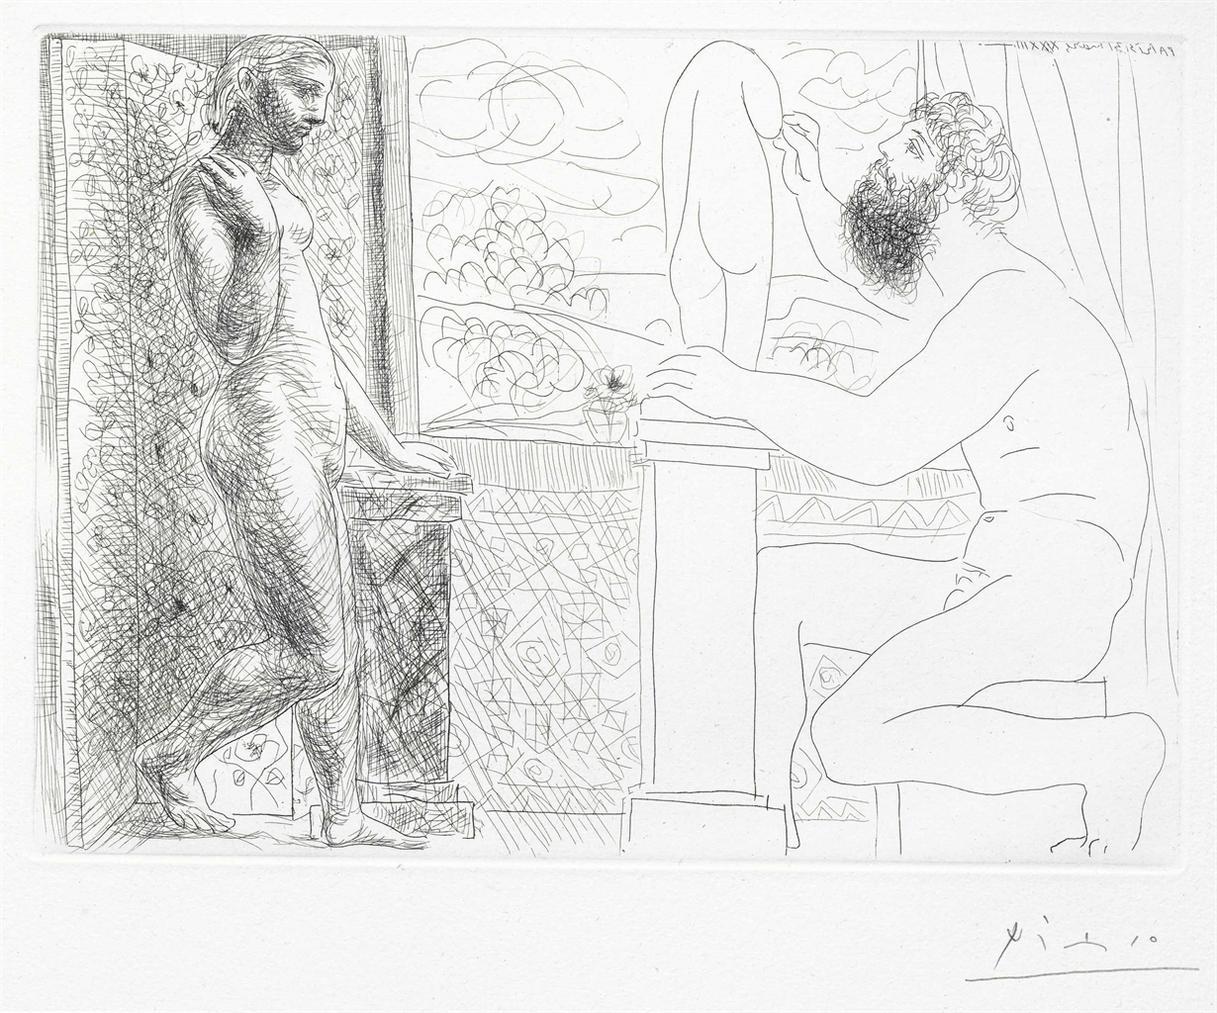 Pablo Picasso-Sculpteur Et Son Modele Devant Une Fenetre, From La Suite Vollard-1933